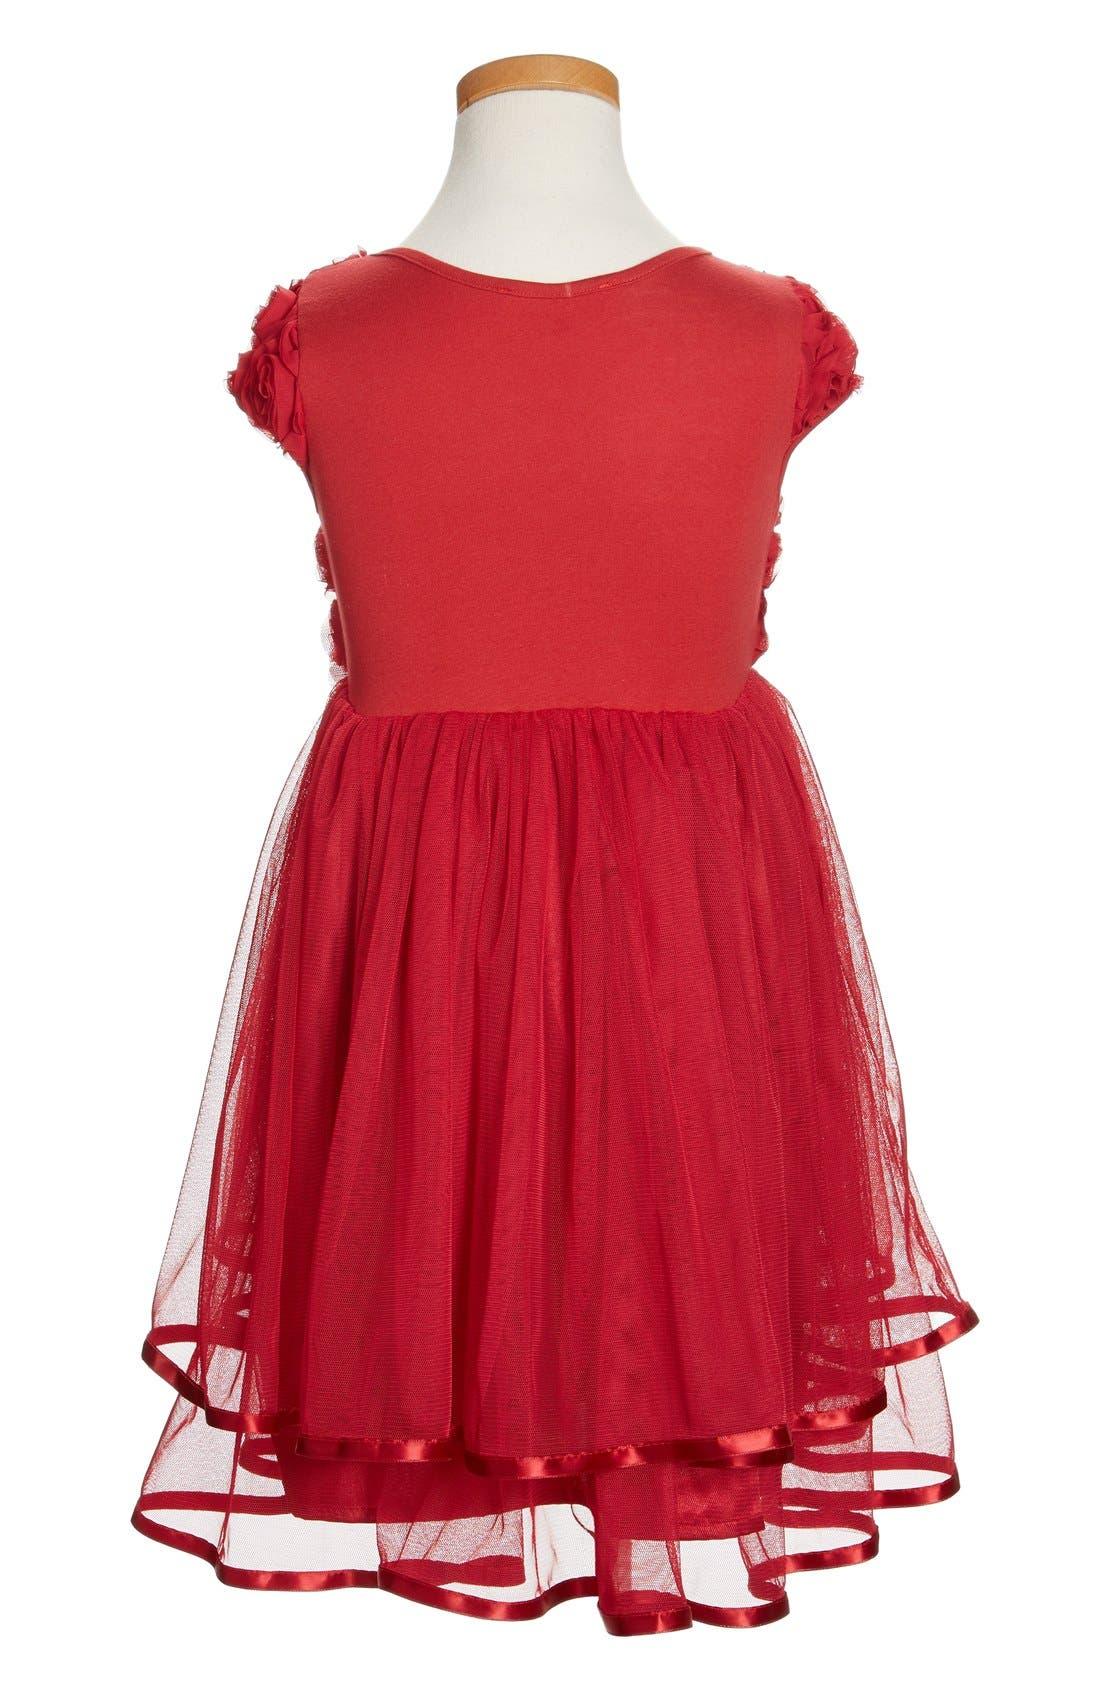 Ribbon Rosette Tulle Dress,                             Alternate thumbnail 2, color,                             Burgundy